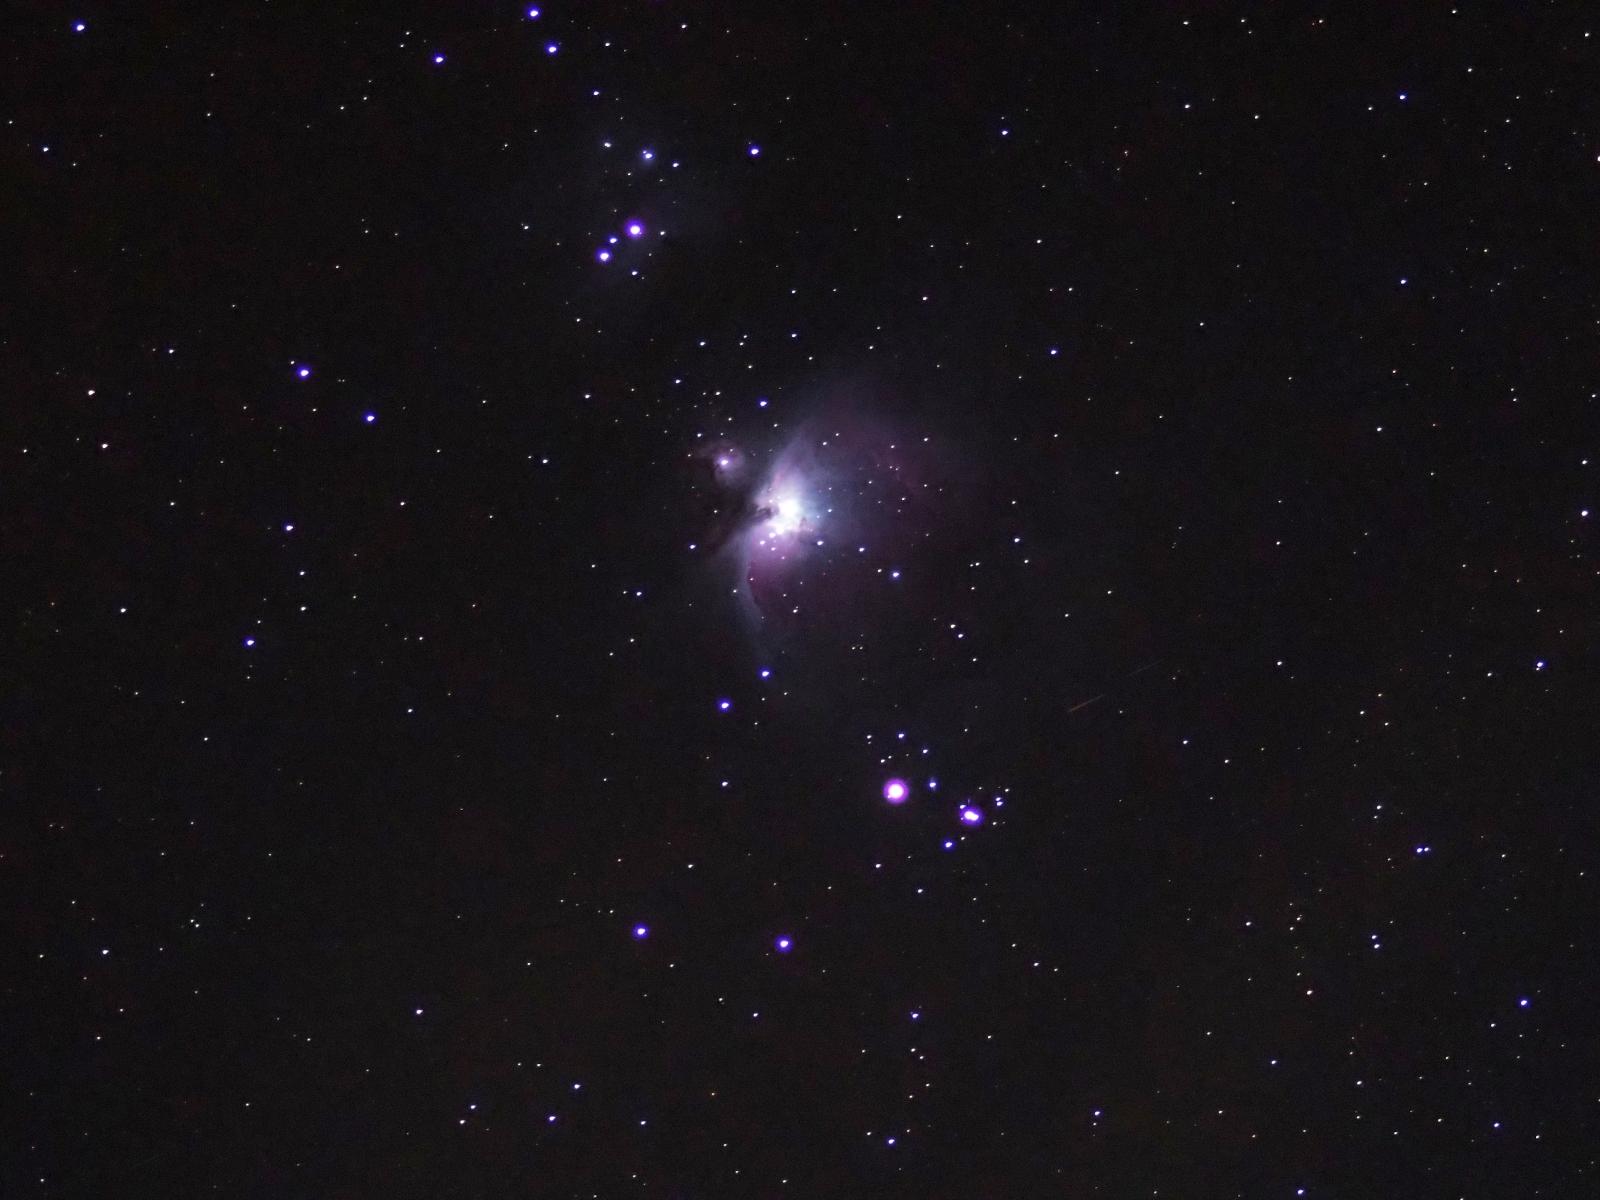 Orion Nebula - kc-em100164a-